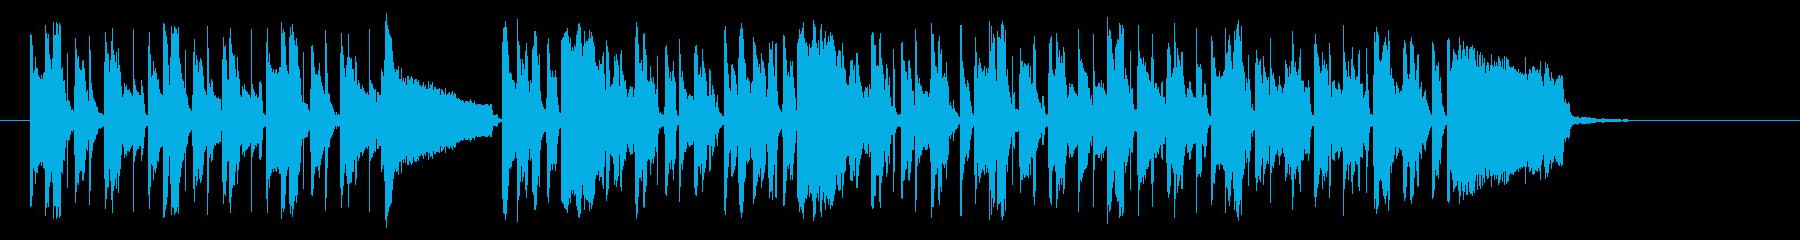 可愛いメロディのノリの良いポップスの再生済みの波形